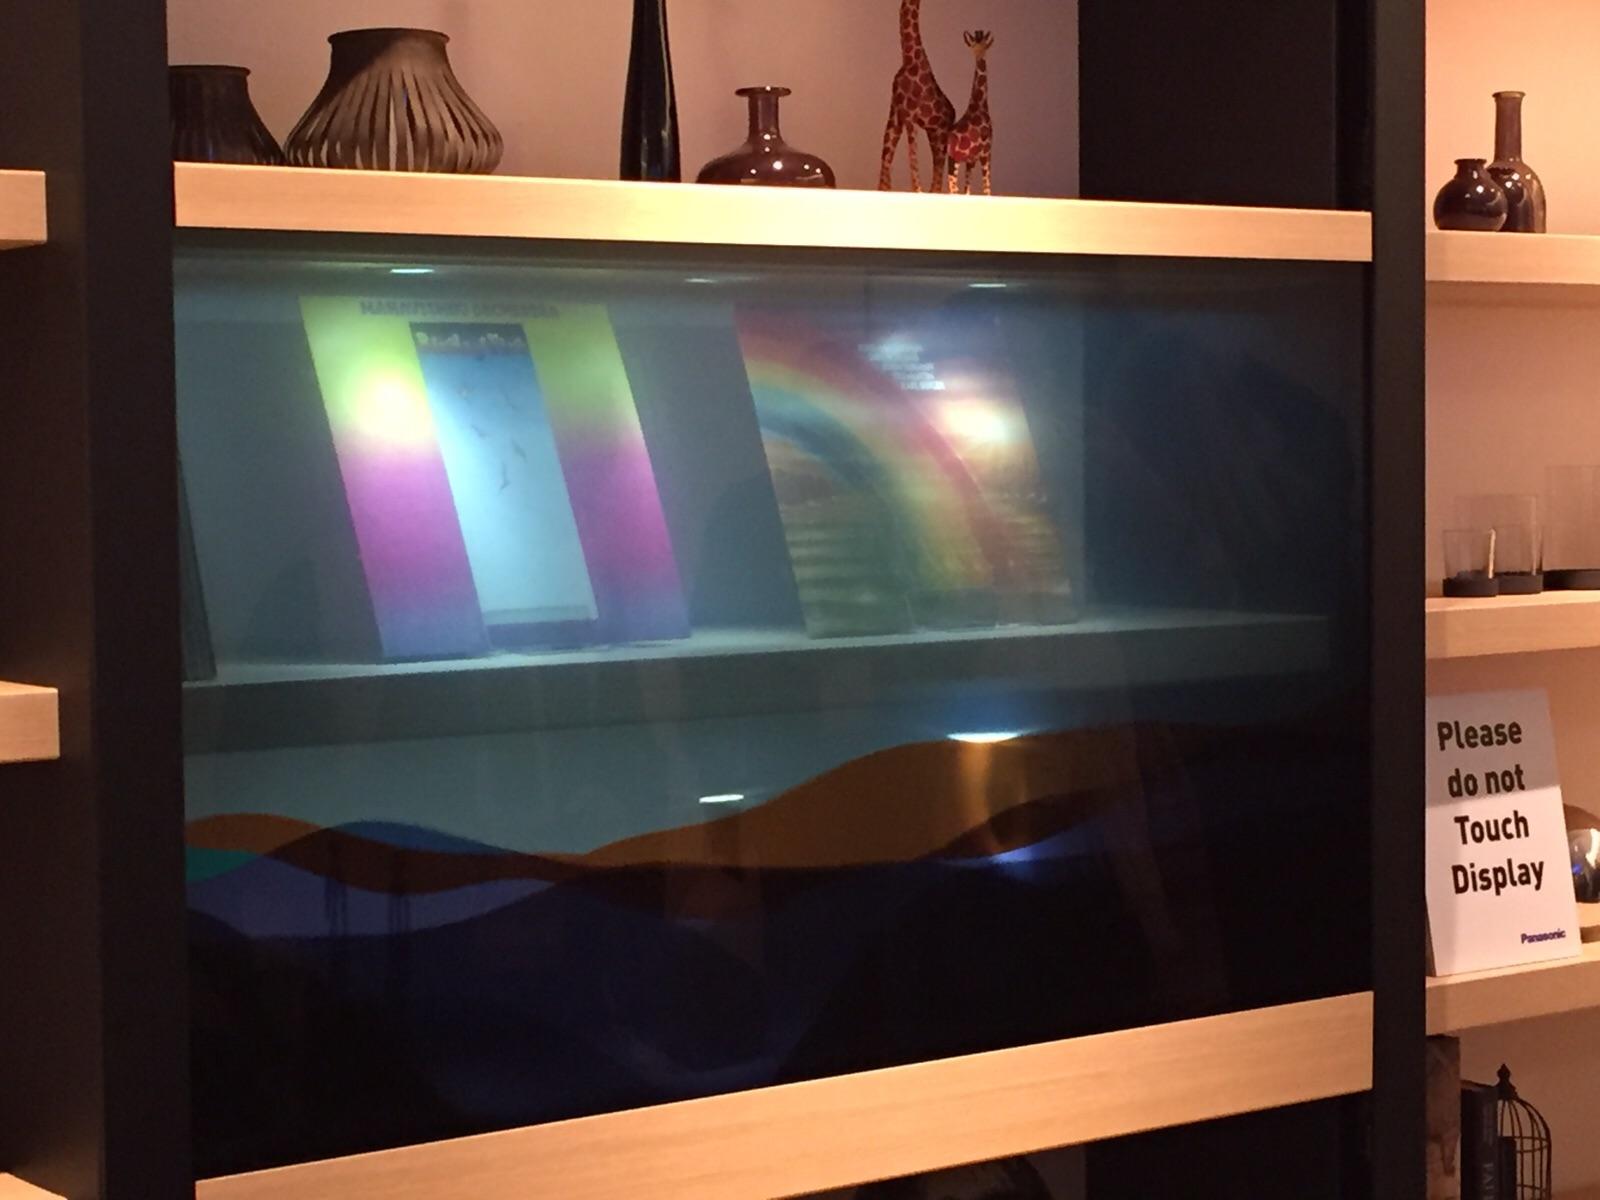 Imagem de Panasonic apresenta displays transparentes incríveis na CES 2016 no tecmundo